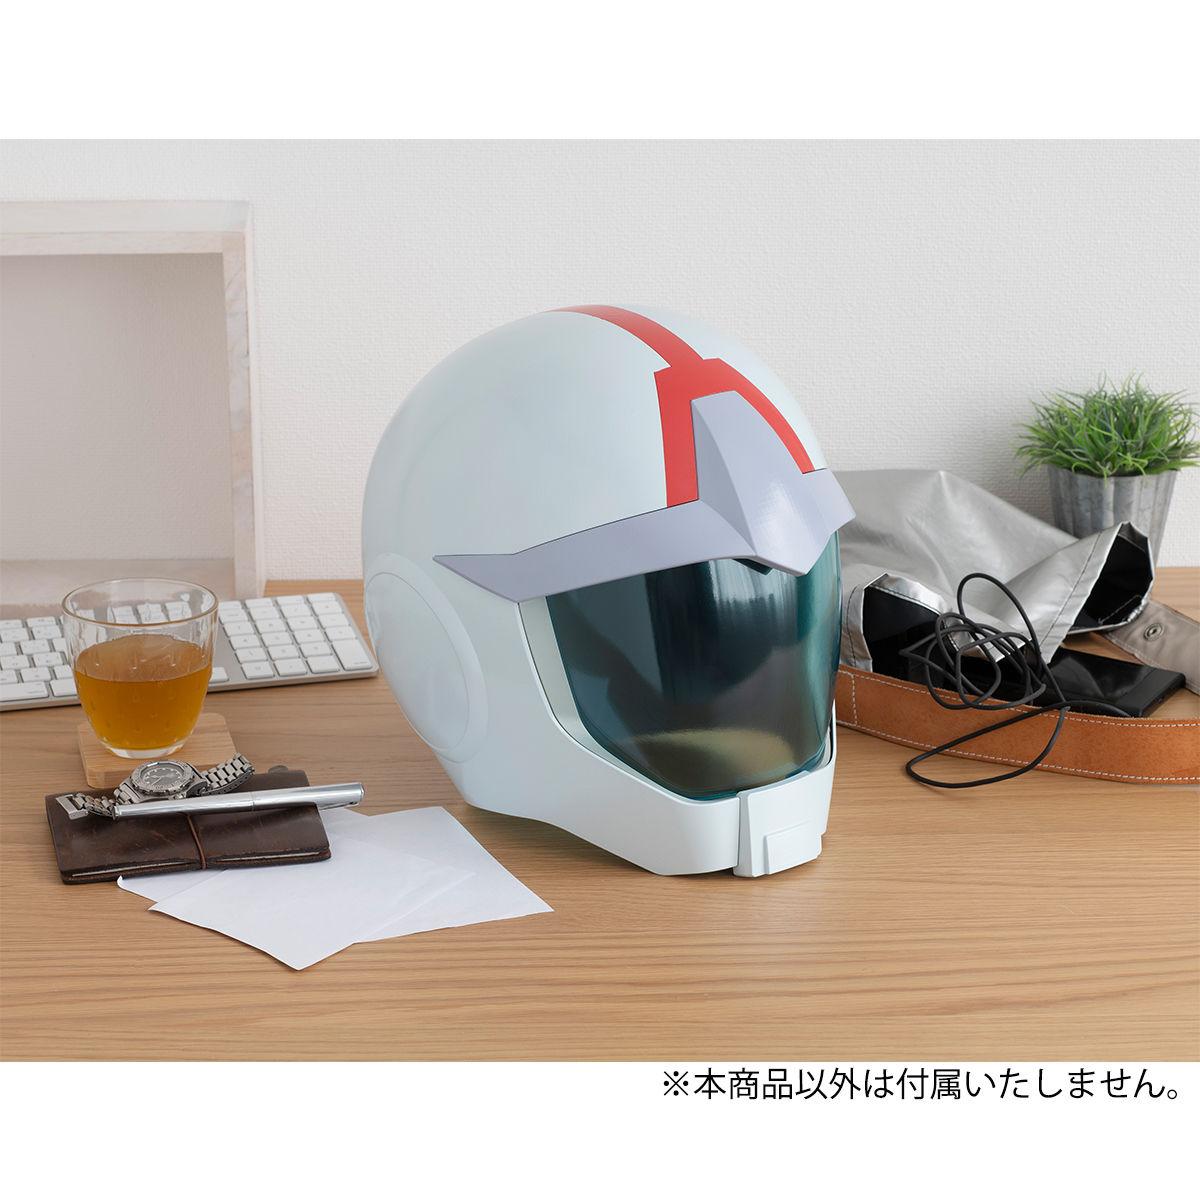 【限定販売】Full Scale Works『地球連邦軍ノーマルスーツ専用ヘルメット』機動戦士ガンダム ディスプレイモデル-010